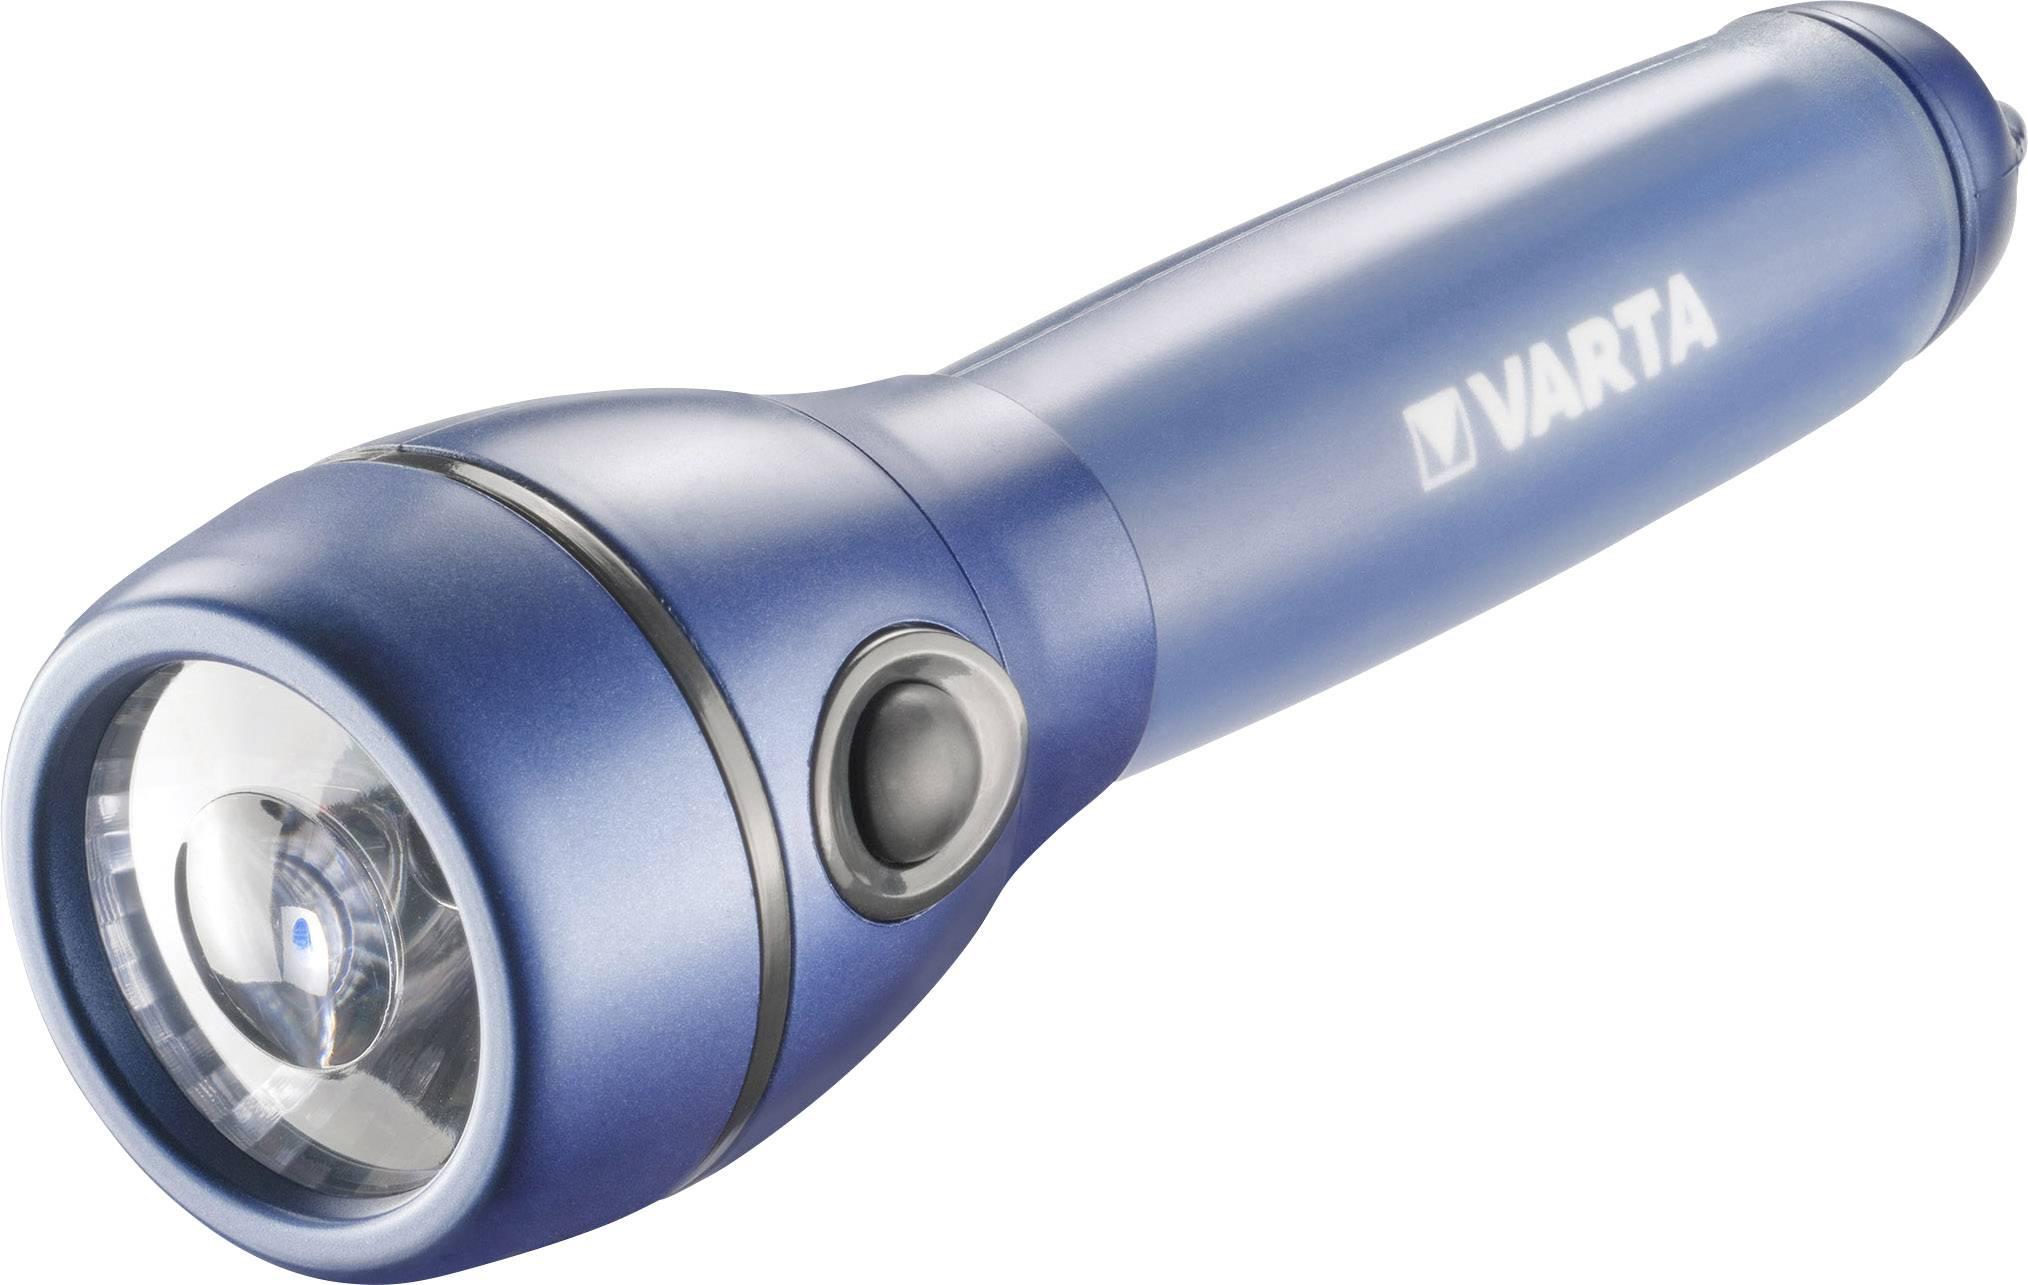 Universal 9in1 Multifunktion Schraubendreher-Set LED Taschenlampe Werkzeug Tool